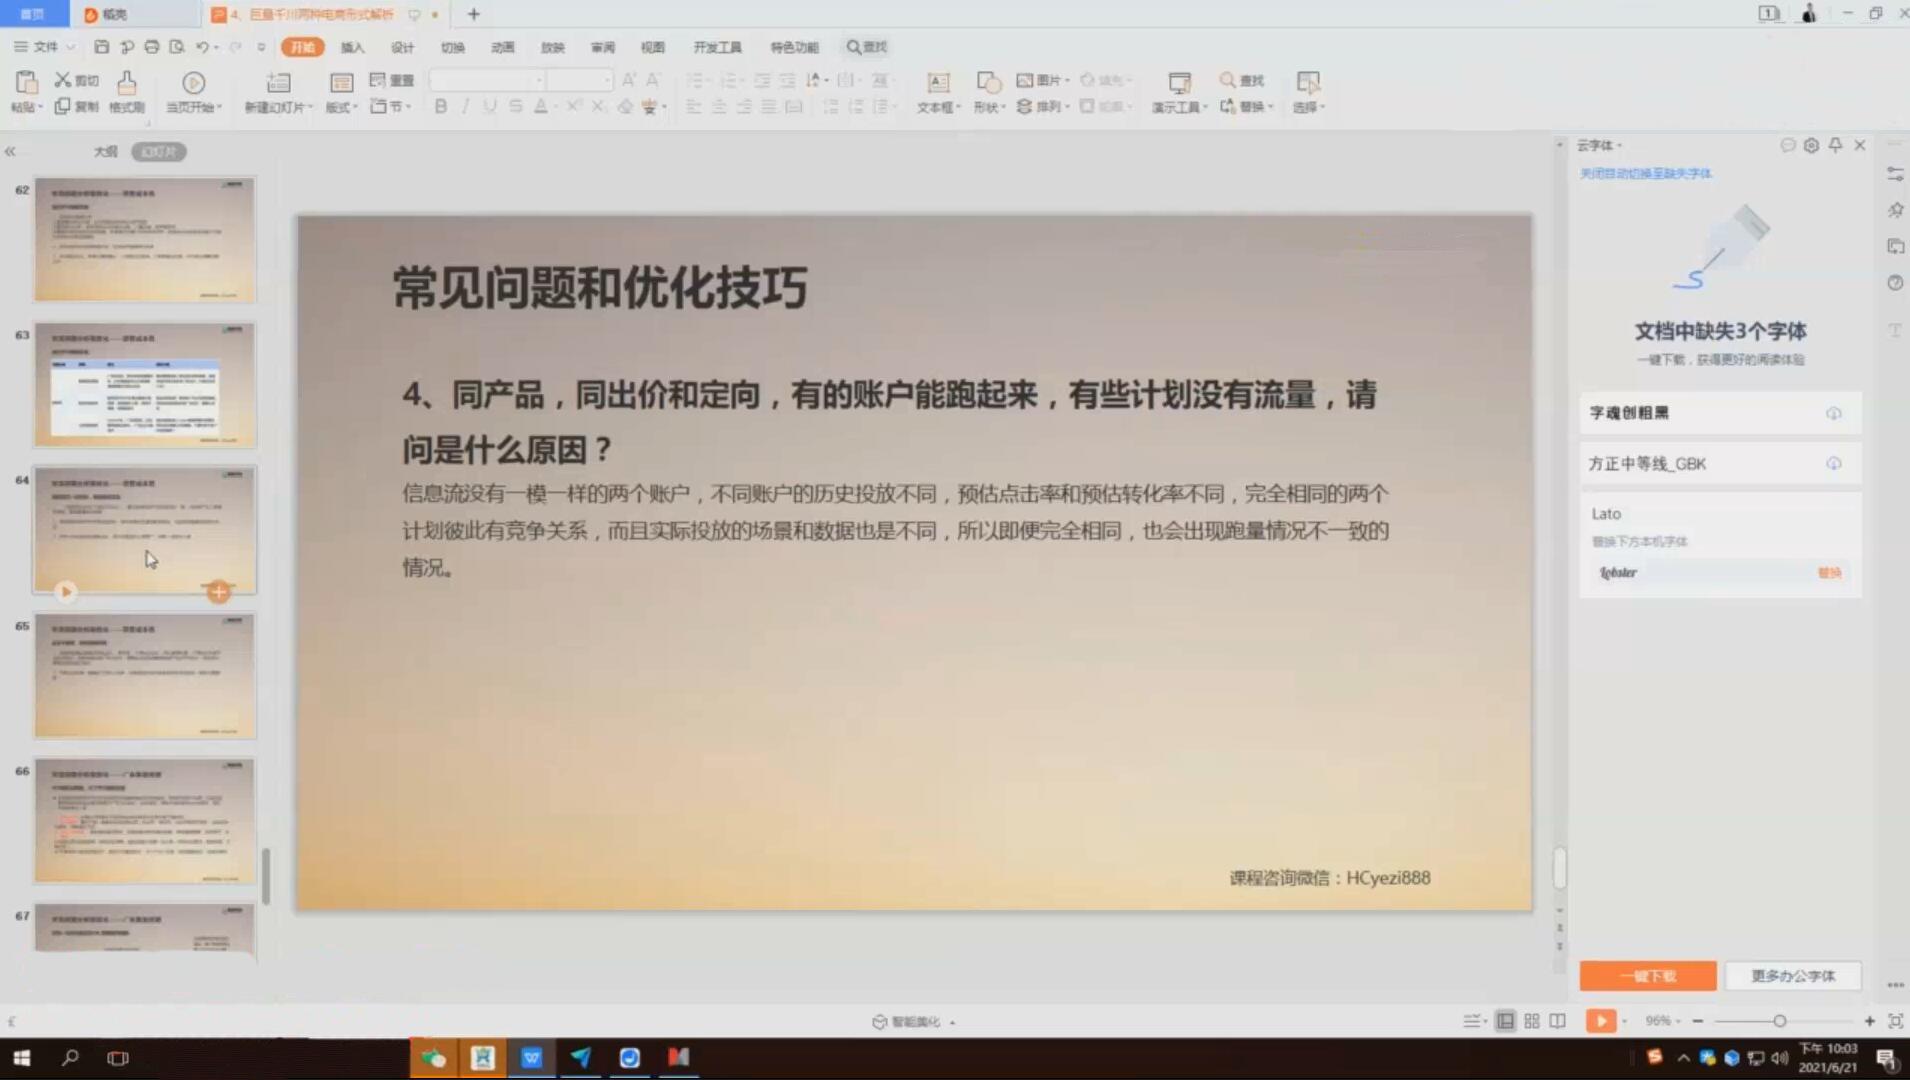 厚昌学院柯南信息流第8-14期,价值3100元